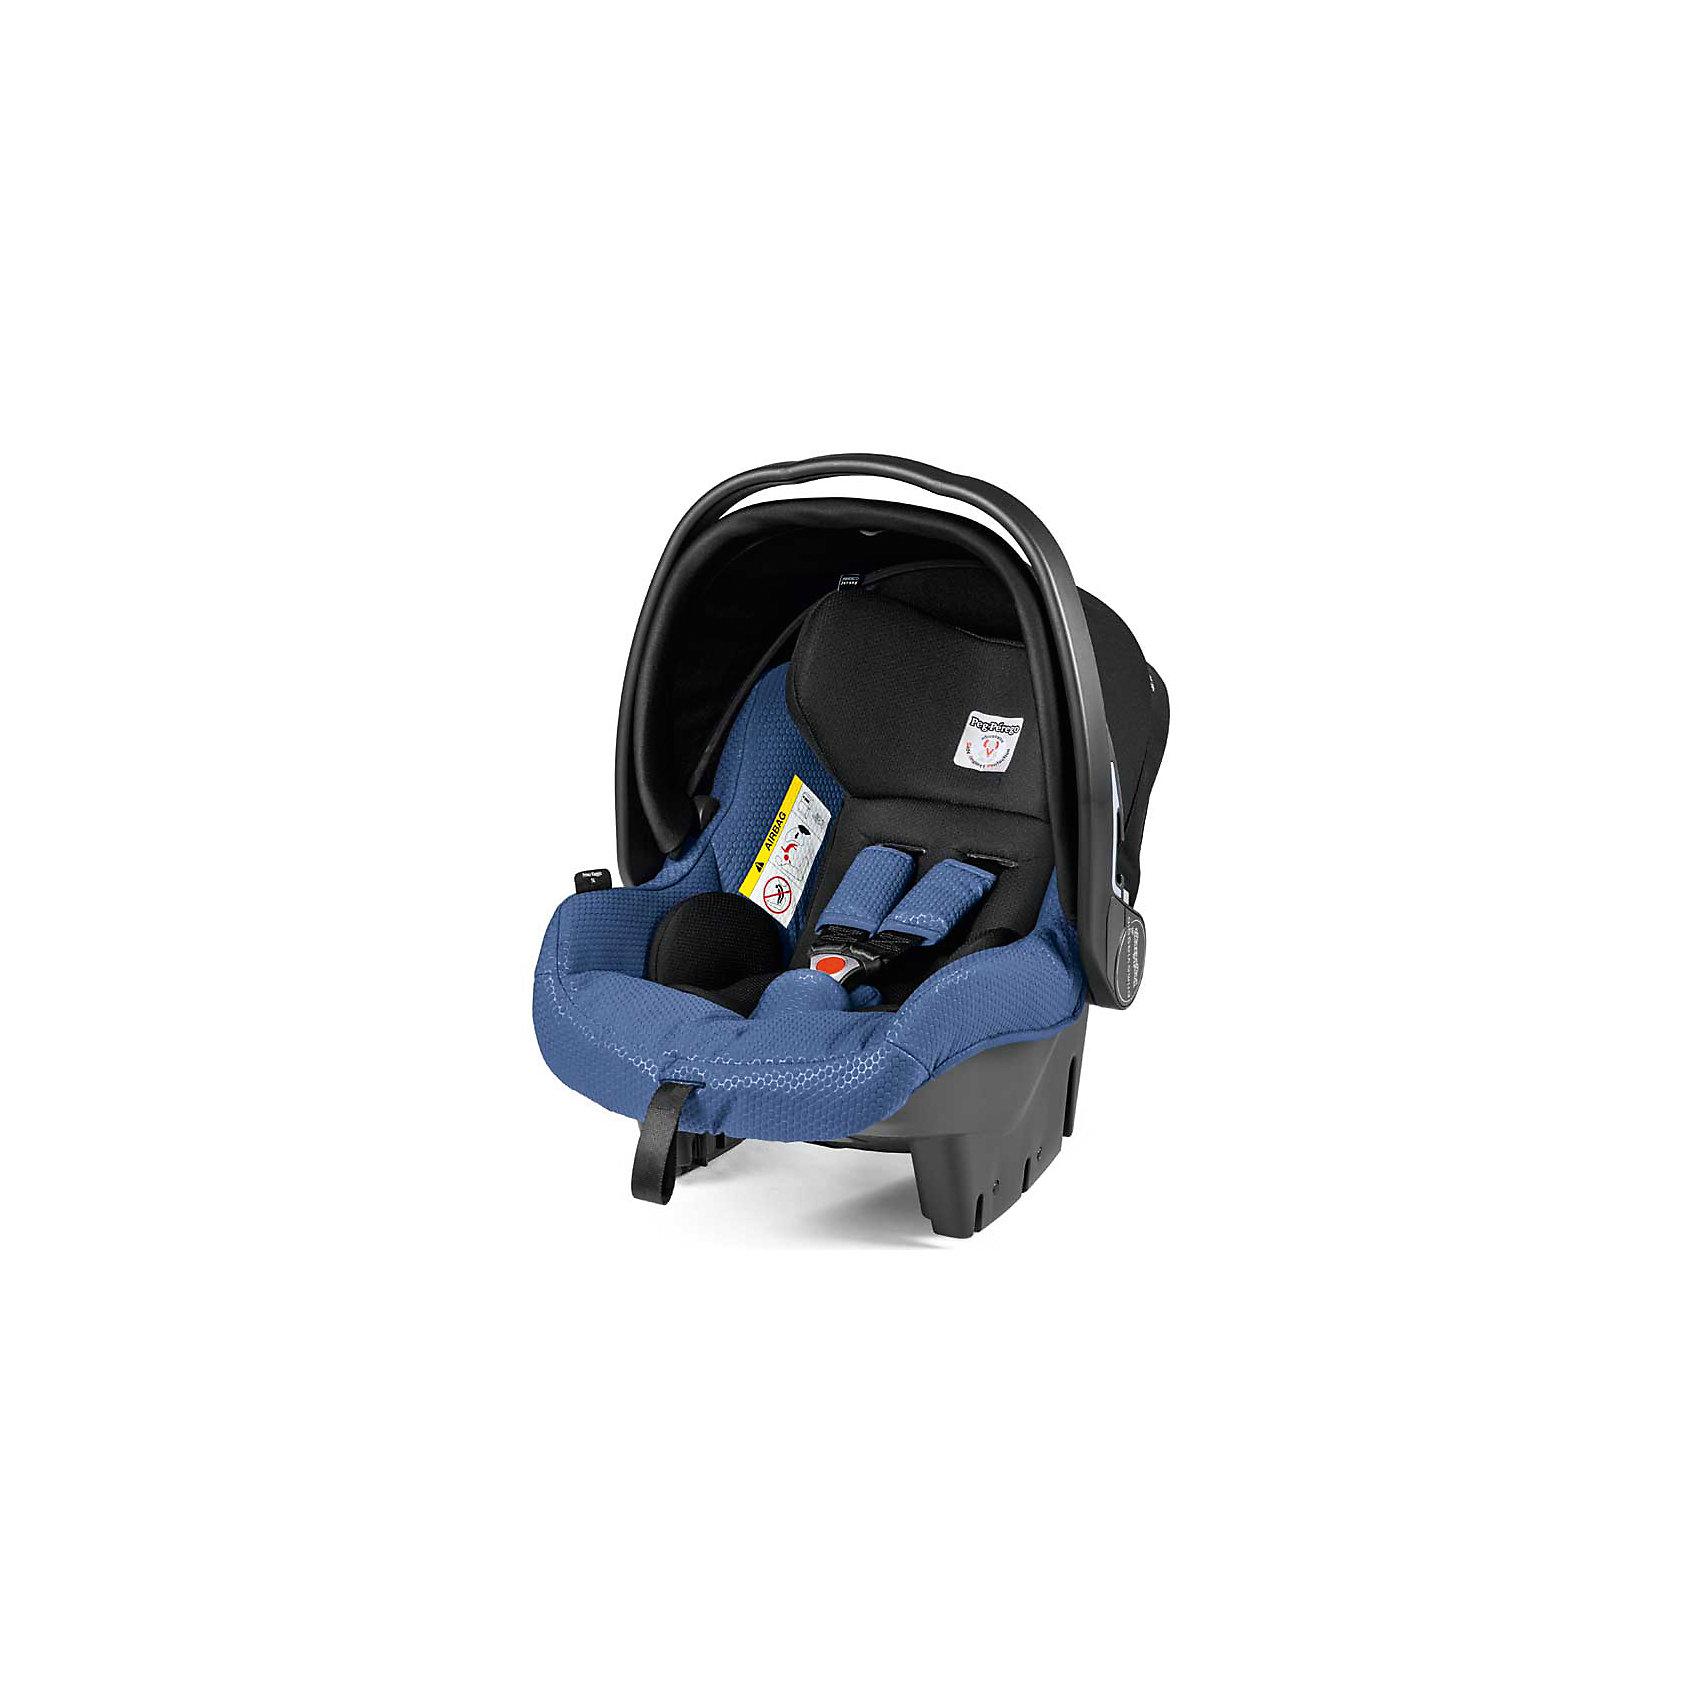 Автокресло Primo Viaggio SL Tri-Fix, 0-13 кг., Peg Perego, синий/черныйАвтокресло Primo Viaggio SL Tri-Fix, Peg Perego (Пег-Перего), обеспечит комфорт и безопасность маленького пассажира во время поездки в автомобиле. Каркас кресла имеет удобную анатомическую форму с мягким вкладышем для малышей, подголовник регулируется по высоте в 3 положениях.<br>Основание кресла имеет специальный регулятор наклона, что позволяет установить кресло в оптимальное для ребенка положение. Усиленная боковая защита убережет ребёнка от серьезных травм. Кресло оснащено регулируемыми 5-точечными ремнями безопасности с мягкими плечевыми накладками и централизованной регулировкой натяжения. Съемный солнцезащитный козырек не допускает попадания прямых солнечных лучей и пропускает воздух.<br><br>Кресло также может использоваться как качалка и как детская переноска, возможна установка на шасси колясок Peg-Perego. Имеется эргономичная ручка для транспортировки, которая регулируется в пяти положениях. Устанавливать автокресло следует лицом против движения авто при помощи штатных ремней безопасности. Также предусмотрена установка с помощью базы Adjustable Base (в комплект не входит) или Isofix Base (в комплект не входит). Тканевую обивку можно снимать и стирать при щадящем режиме при температуре 30° С. Автокресло Primo Viaggio SL Tri-Fix рассчитано на детей от 0 до 12 мес., весом 0-13 кг.<br><br>Дополнительная информация:<br><br>- Цвет: синий/черный.<br>- Материал: текстиль, пластик. <br>- Возраст: 1-12 мес. (0-13 кг.)<br>- Размеры: 65 х 43 х 60 см. <br>- Вес: 4 кг.<br><br>Детское Автокресло Primo Viaggio SL Tri-Fix, 0-13 кг., Peg Perego (Пег-Перего), синий/черный, можно купить в нашем интернет-магазине.<br><br>Ширина мм: 600<br>Глубина мм: 500<br>Высота мм: 700<br>Вес г: 4000<br>Цвет: синий<br>Возраст от месяцев: 0<br>Возраст до месяцев: 12<br>Пол: Унисекс<br>Возраст: Детский<br>SKU: 4347278